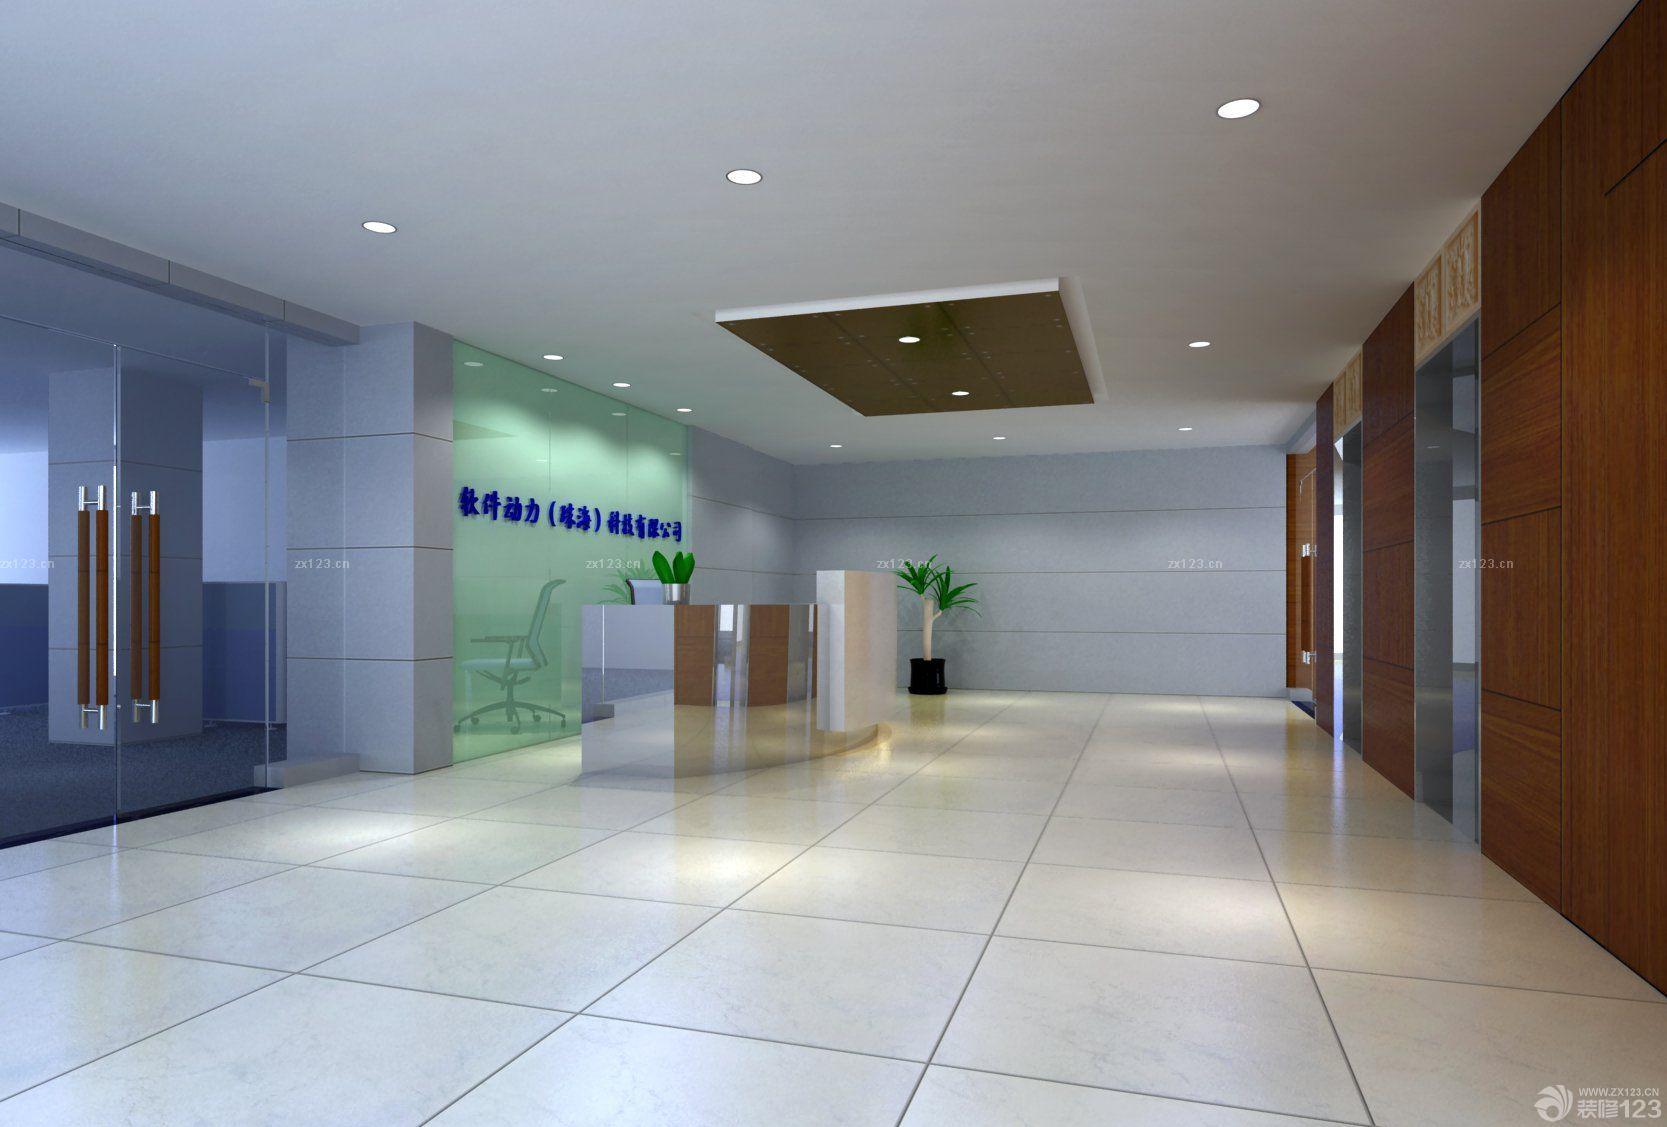 写字楼大厅设计效果图图片